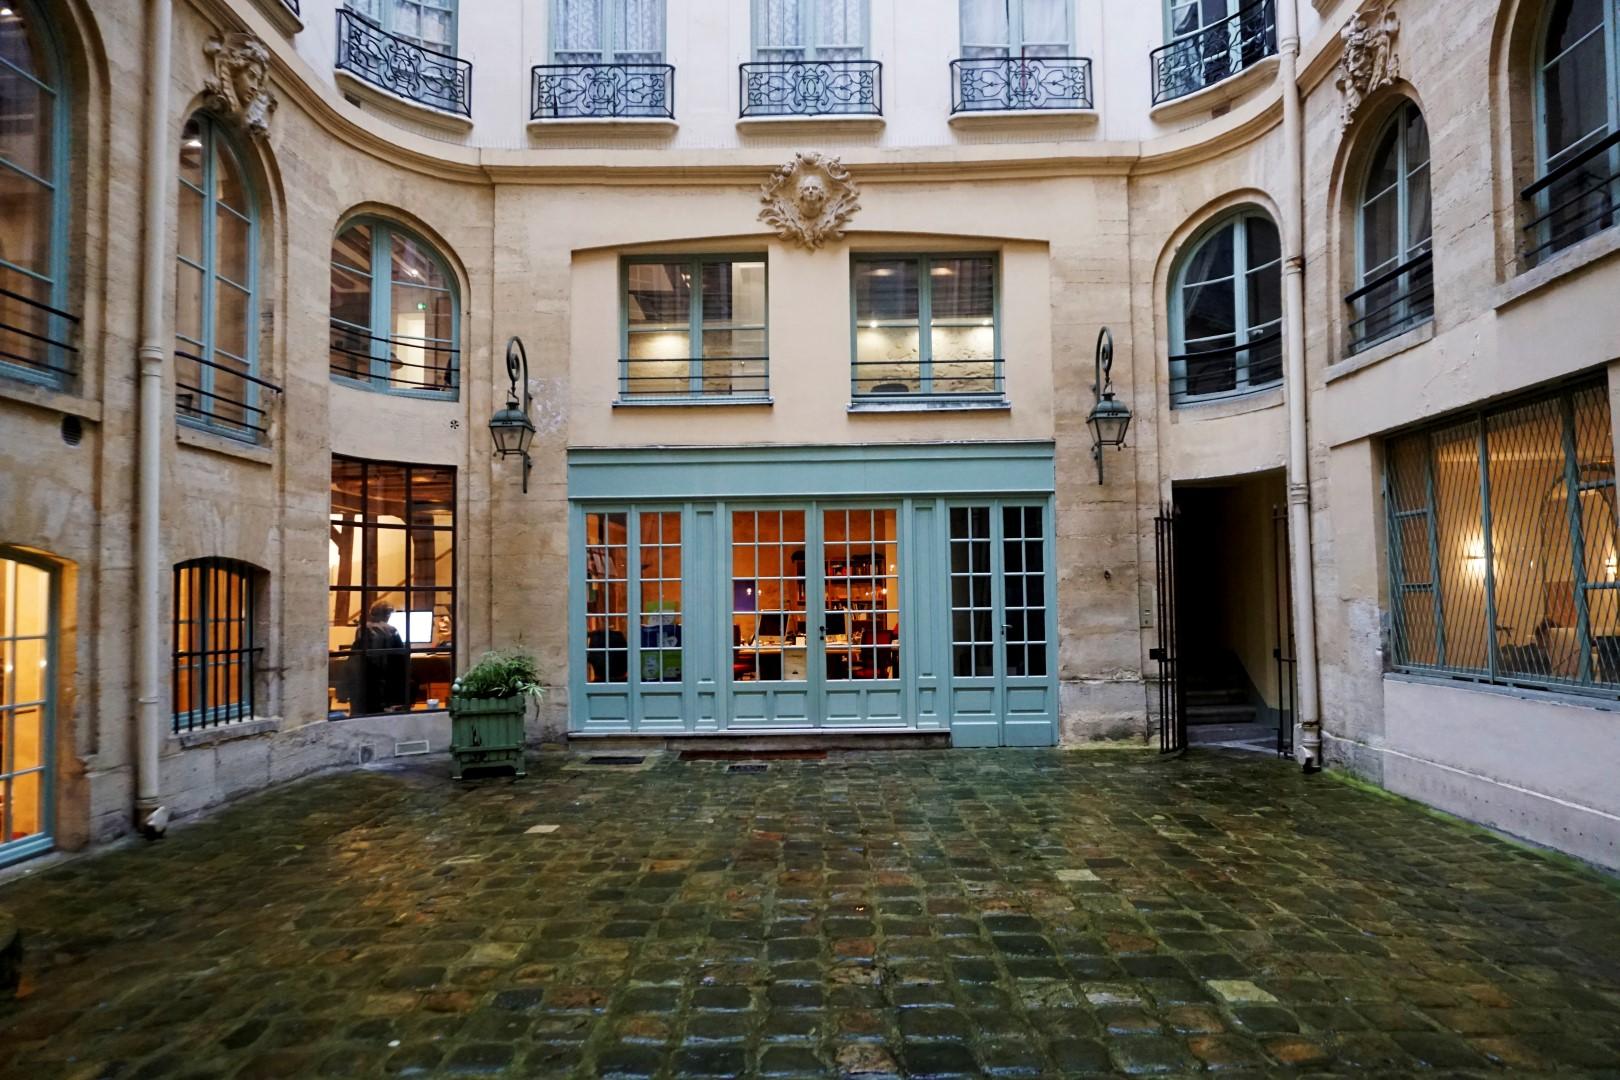 Balade dans les 6e et 7e arrondissements, en attendant Noël - Rue Saint André des Arts, cour privée